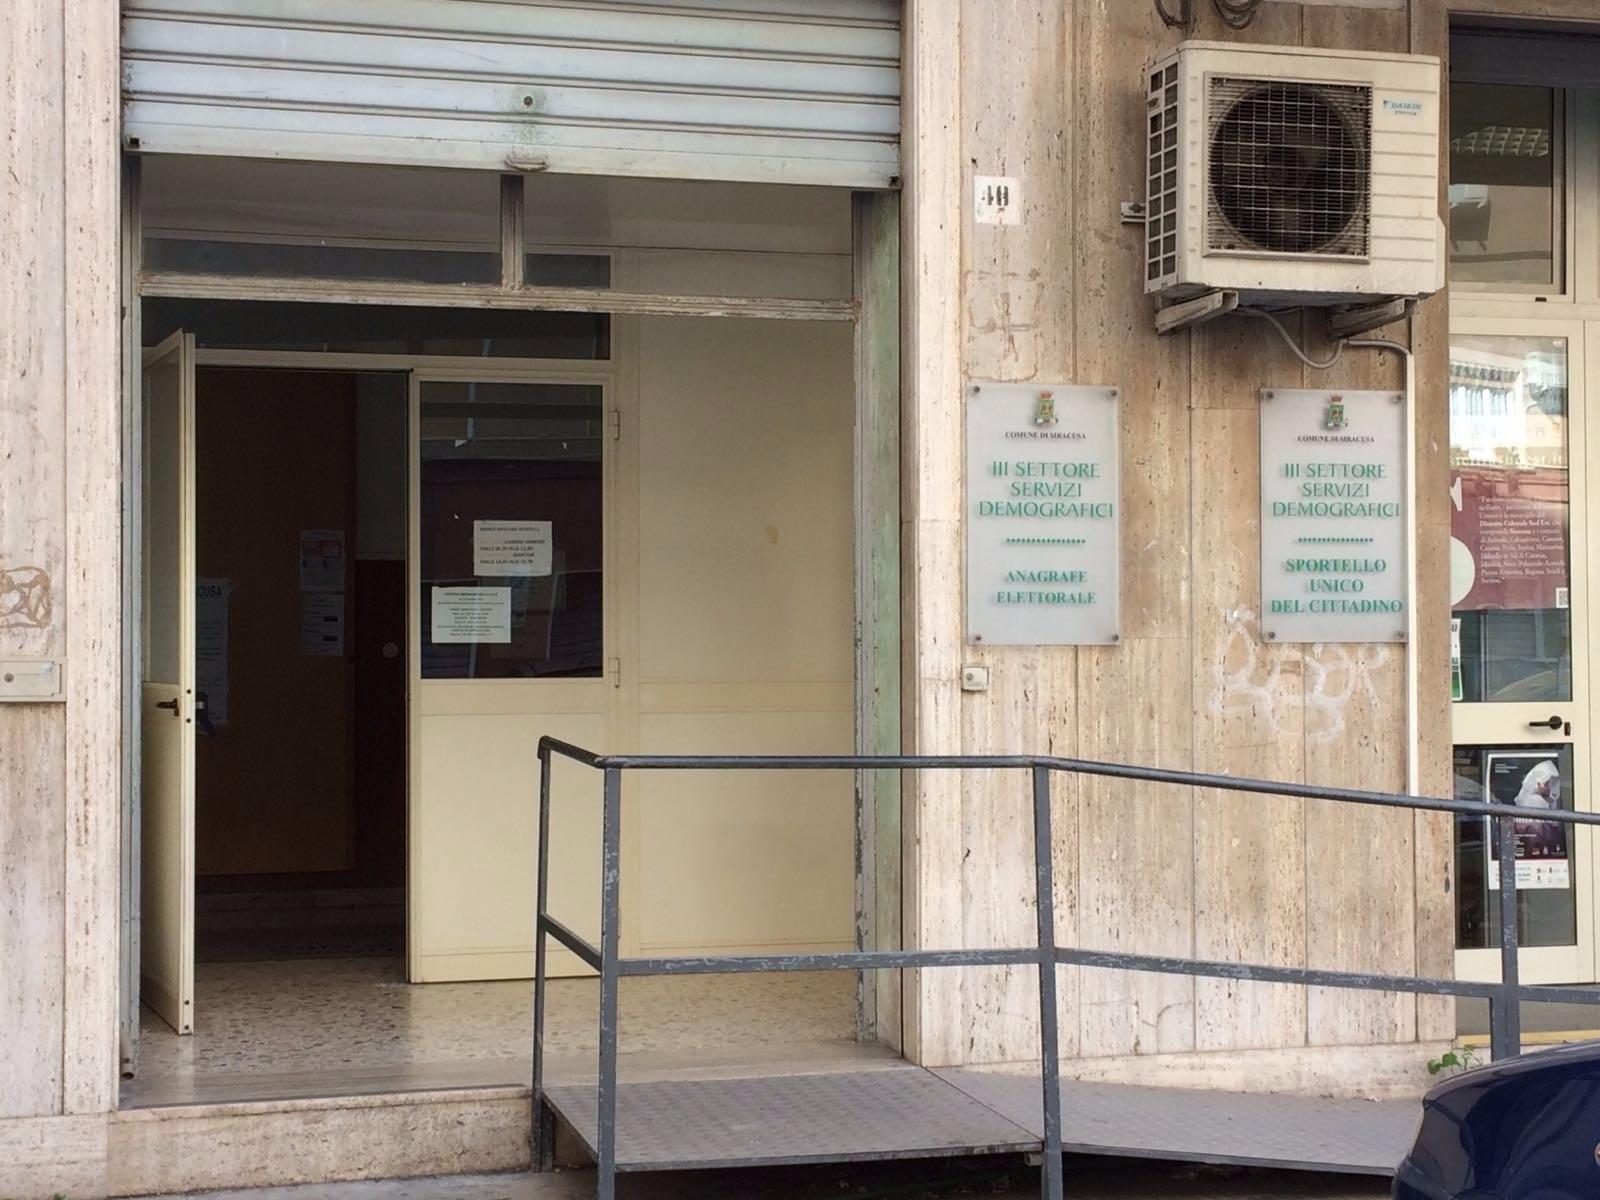 Regionali 2017 da oggi ufficio elettorale comunale aperto - Ufficio elettorale milano ...